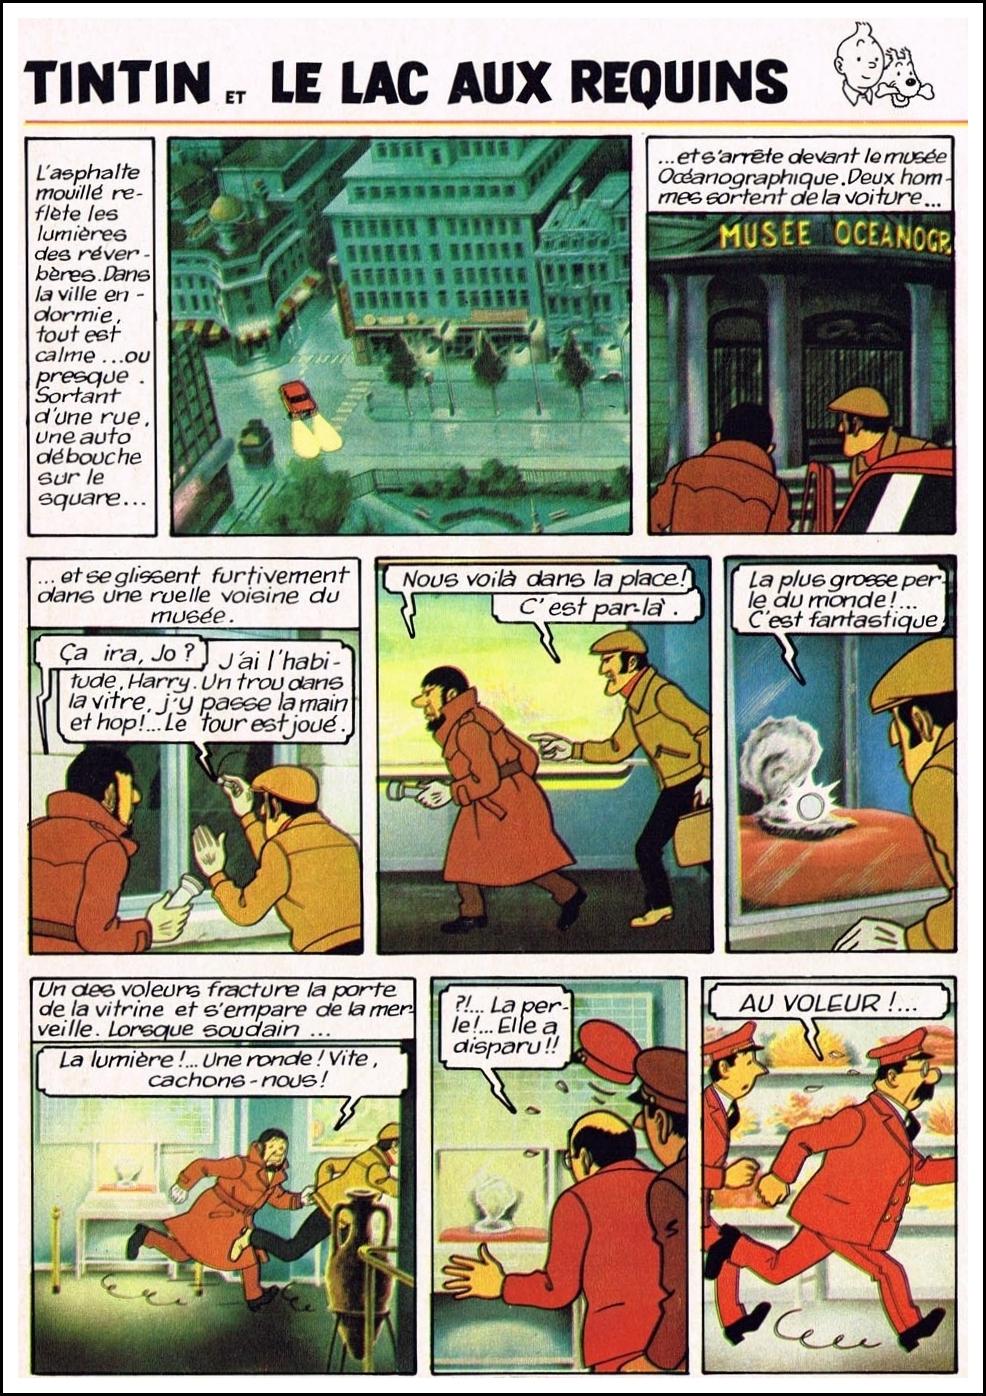 Tintin et le lac aux requins version couleurs 44 for Hillen interieur